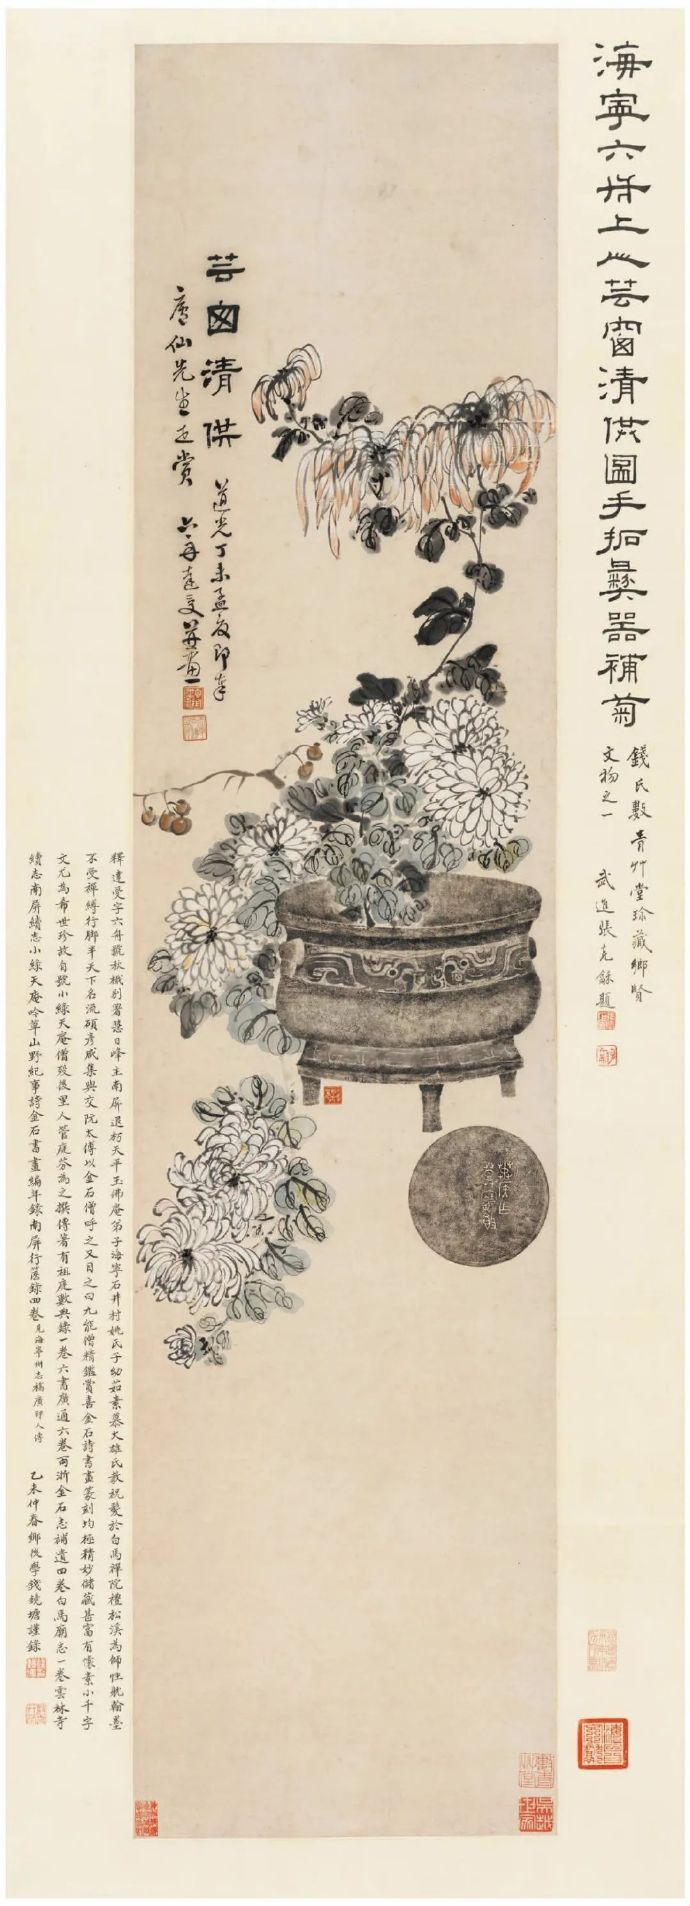 """六舟和尚被称为""""九能儒僧"""",释业之外,对于金石书画特别感兴趣"""